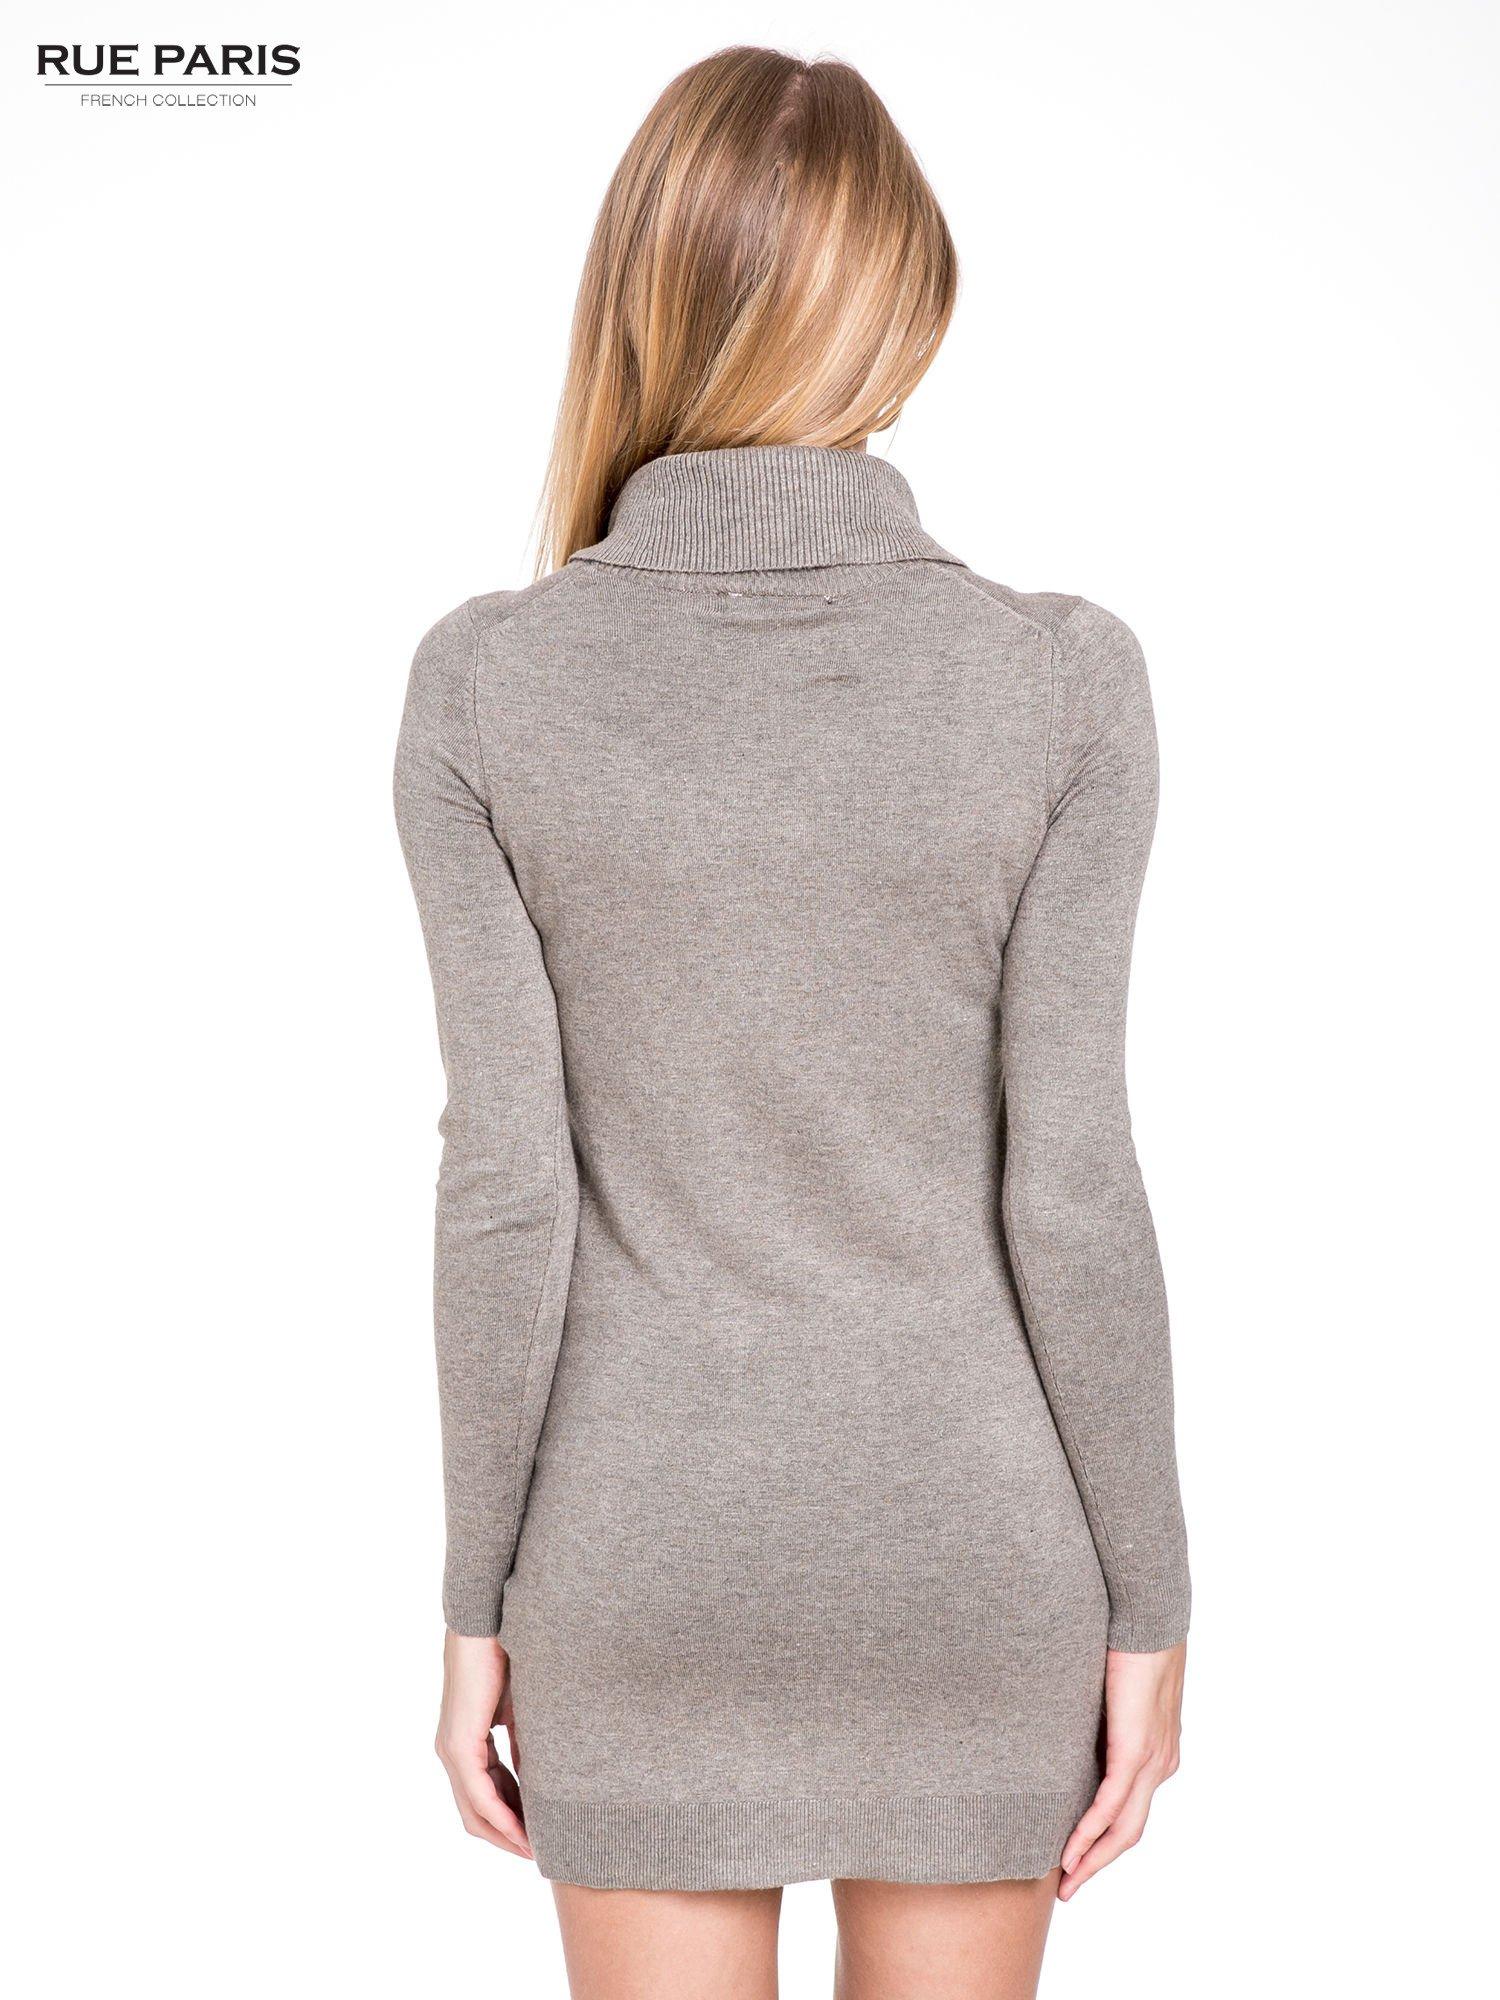 Jasnobrązowa swetrowa sukienka z golfem                                  zdj.                                  4